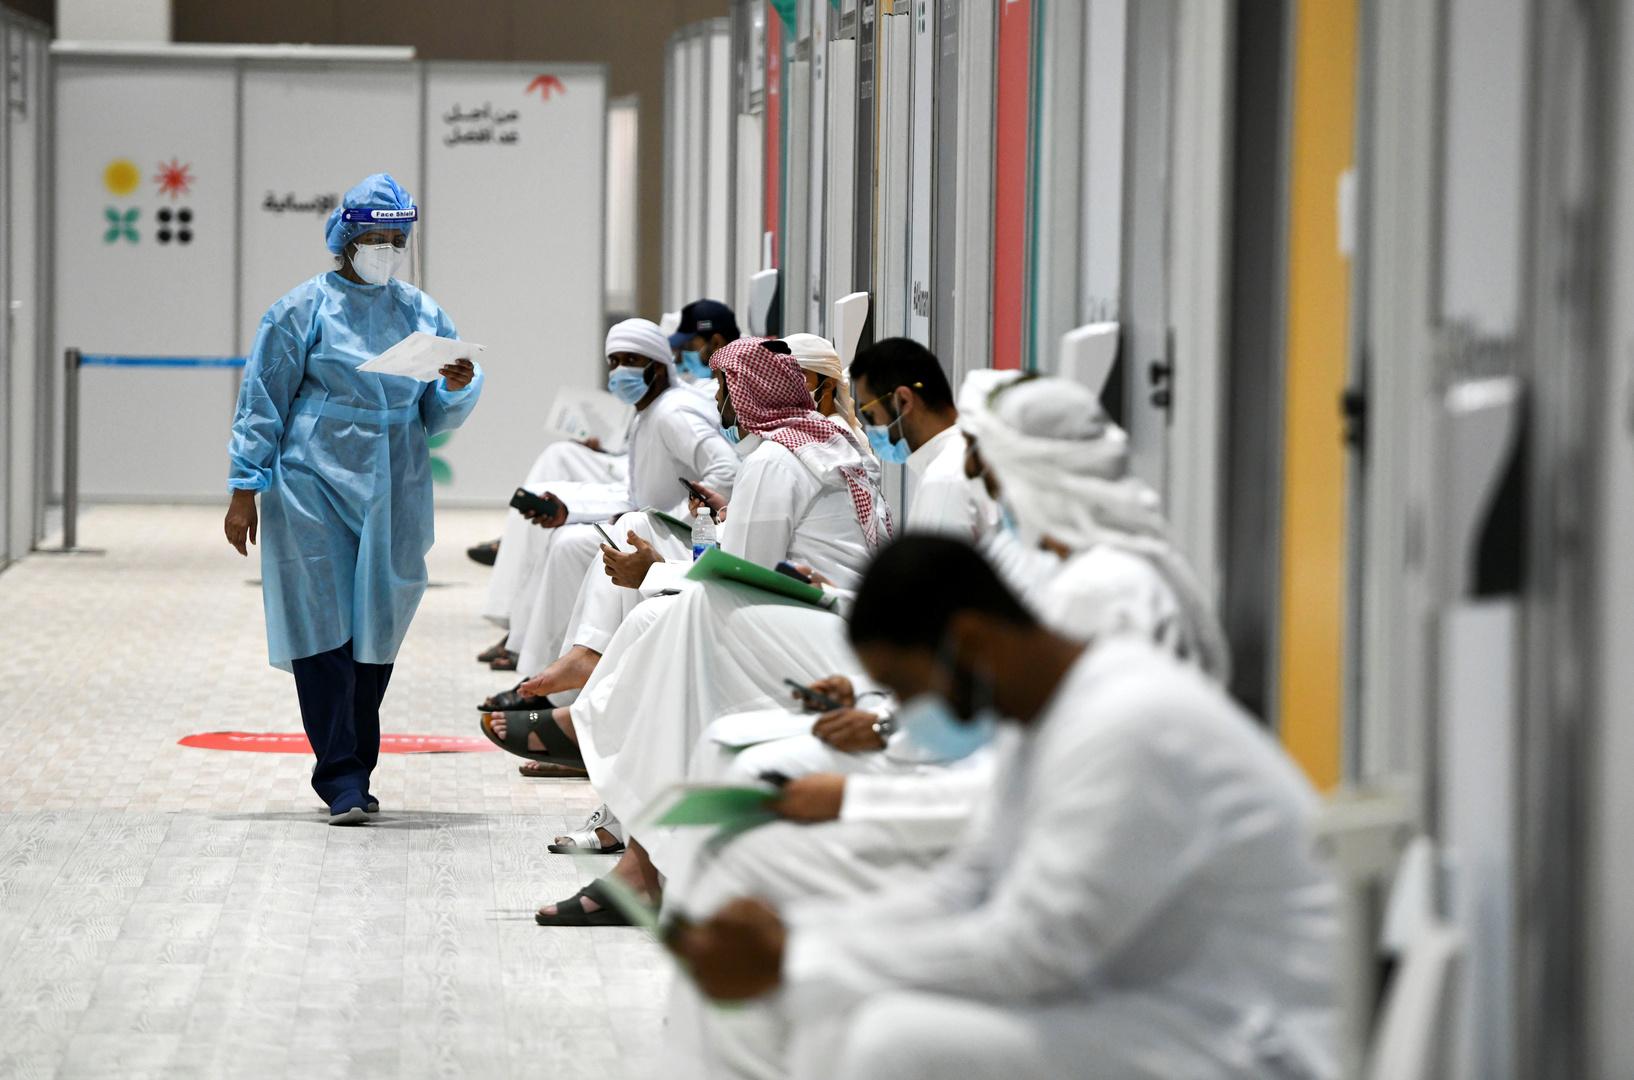 وزارة الصحة الإماراتية توافق على المرحلة الثالثة من تجارب لقاح